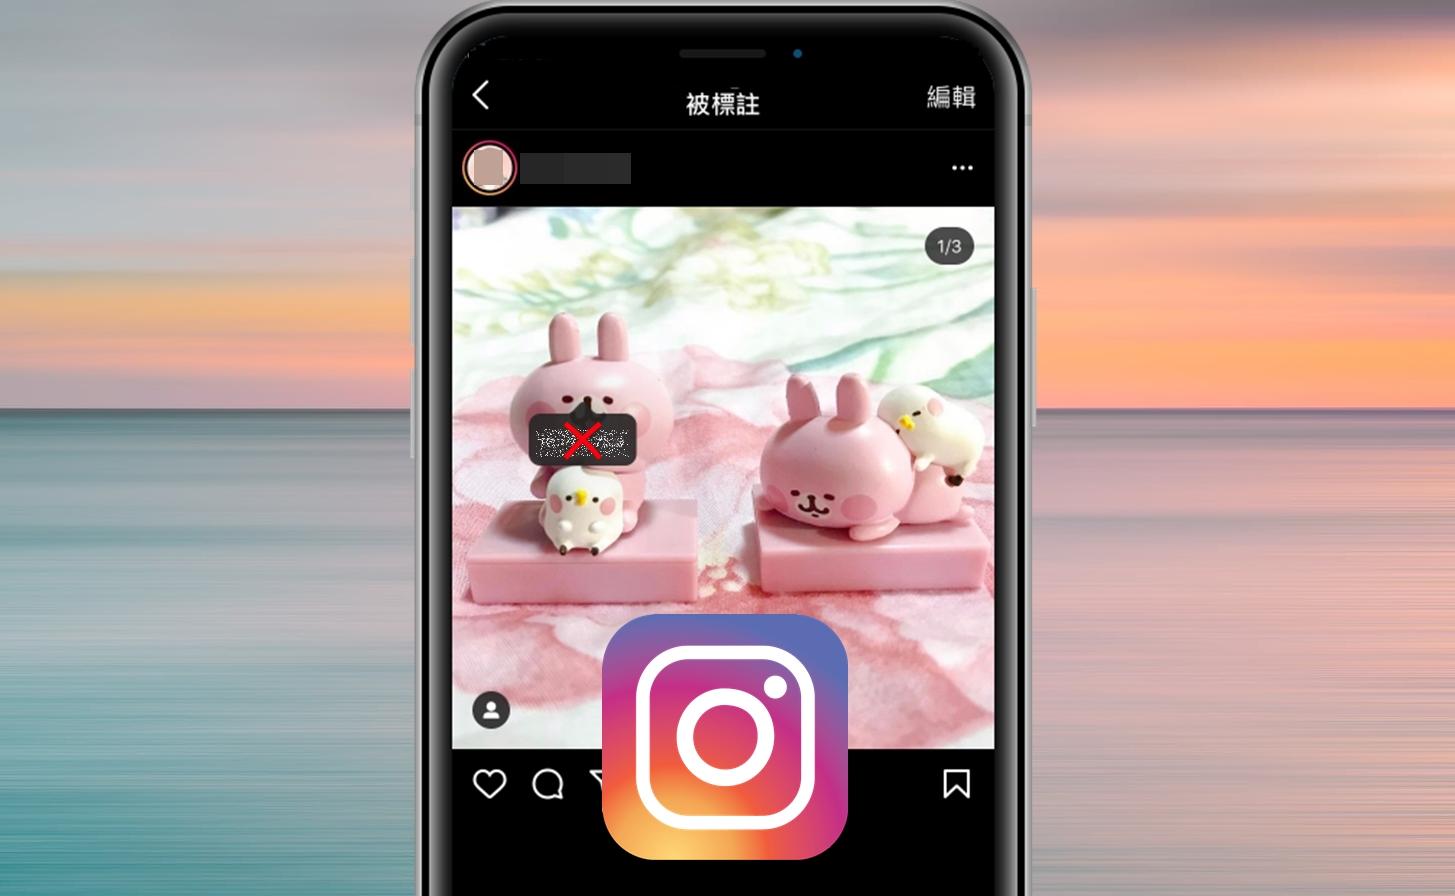 【科技新知】Instagram(IG)如何隱藏/移除照片上的標籤?不怕被別人亂標註!